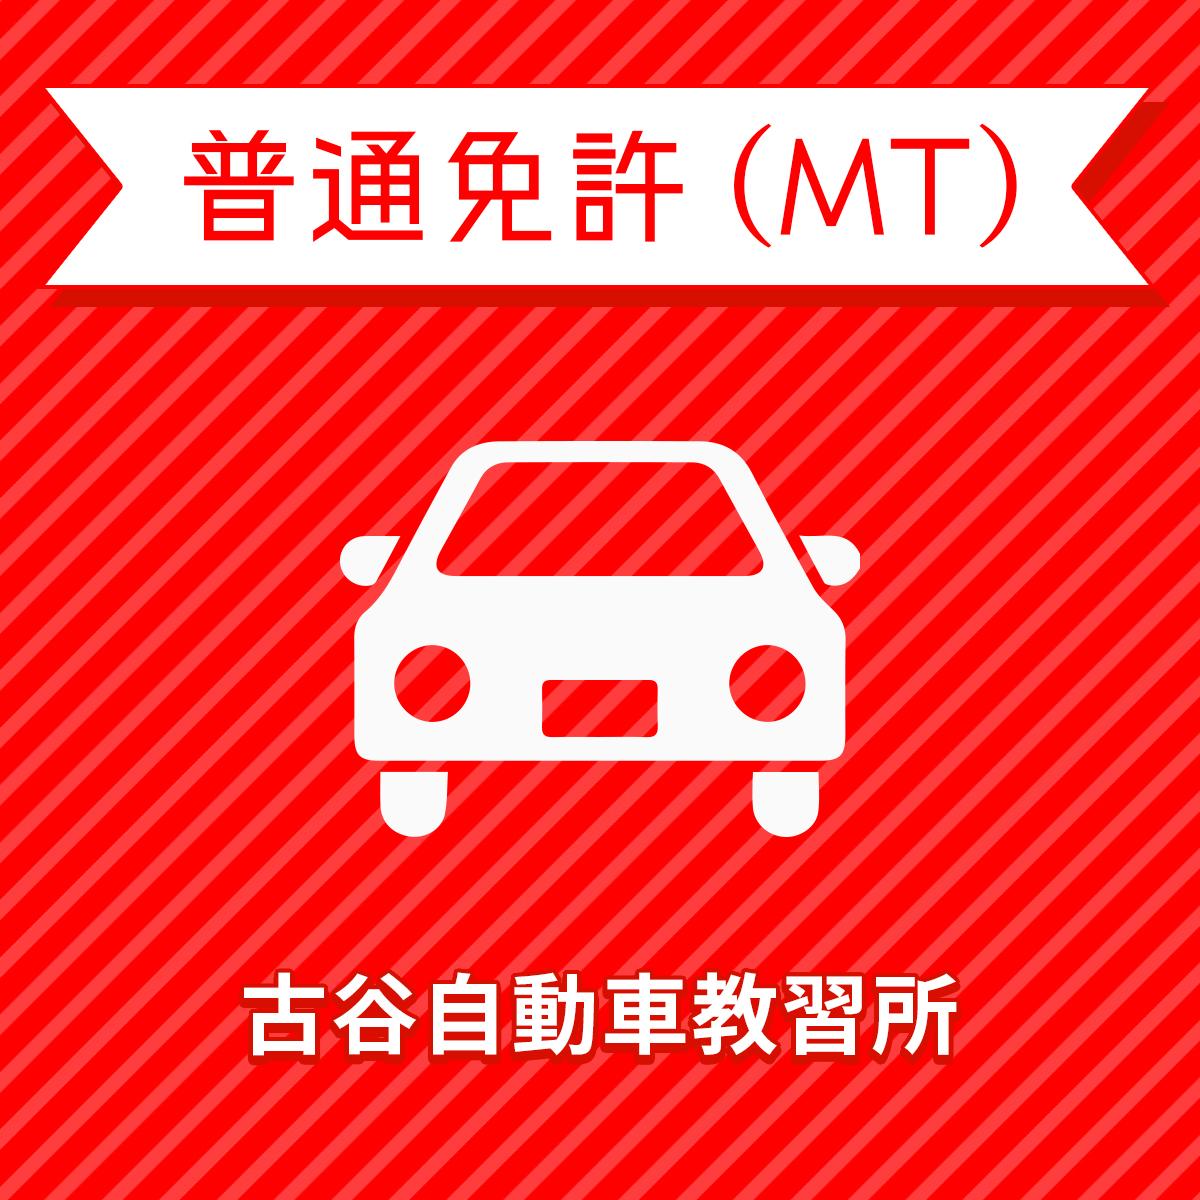 【埼玉県川越市】普通車MTコース(学生料金)